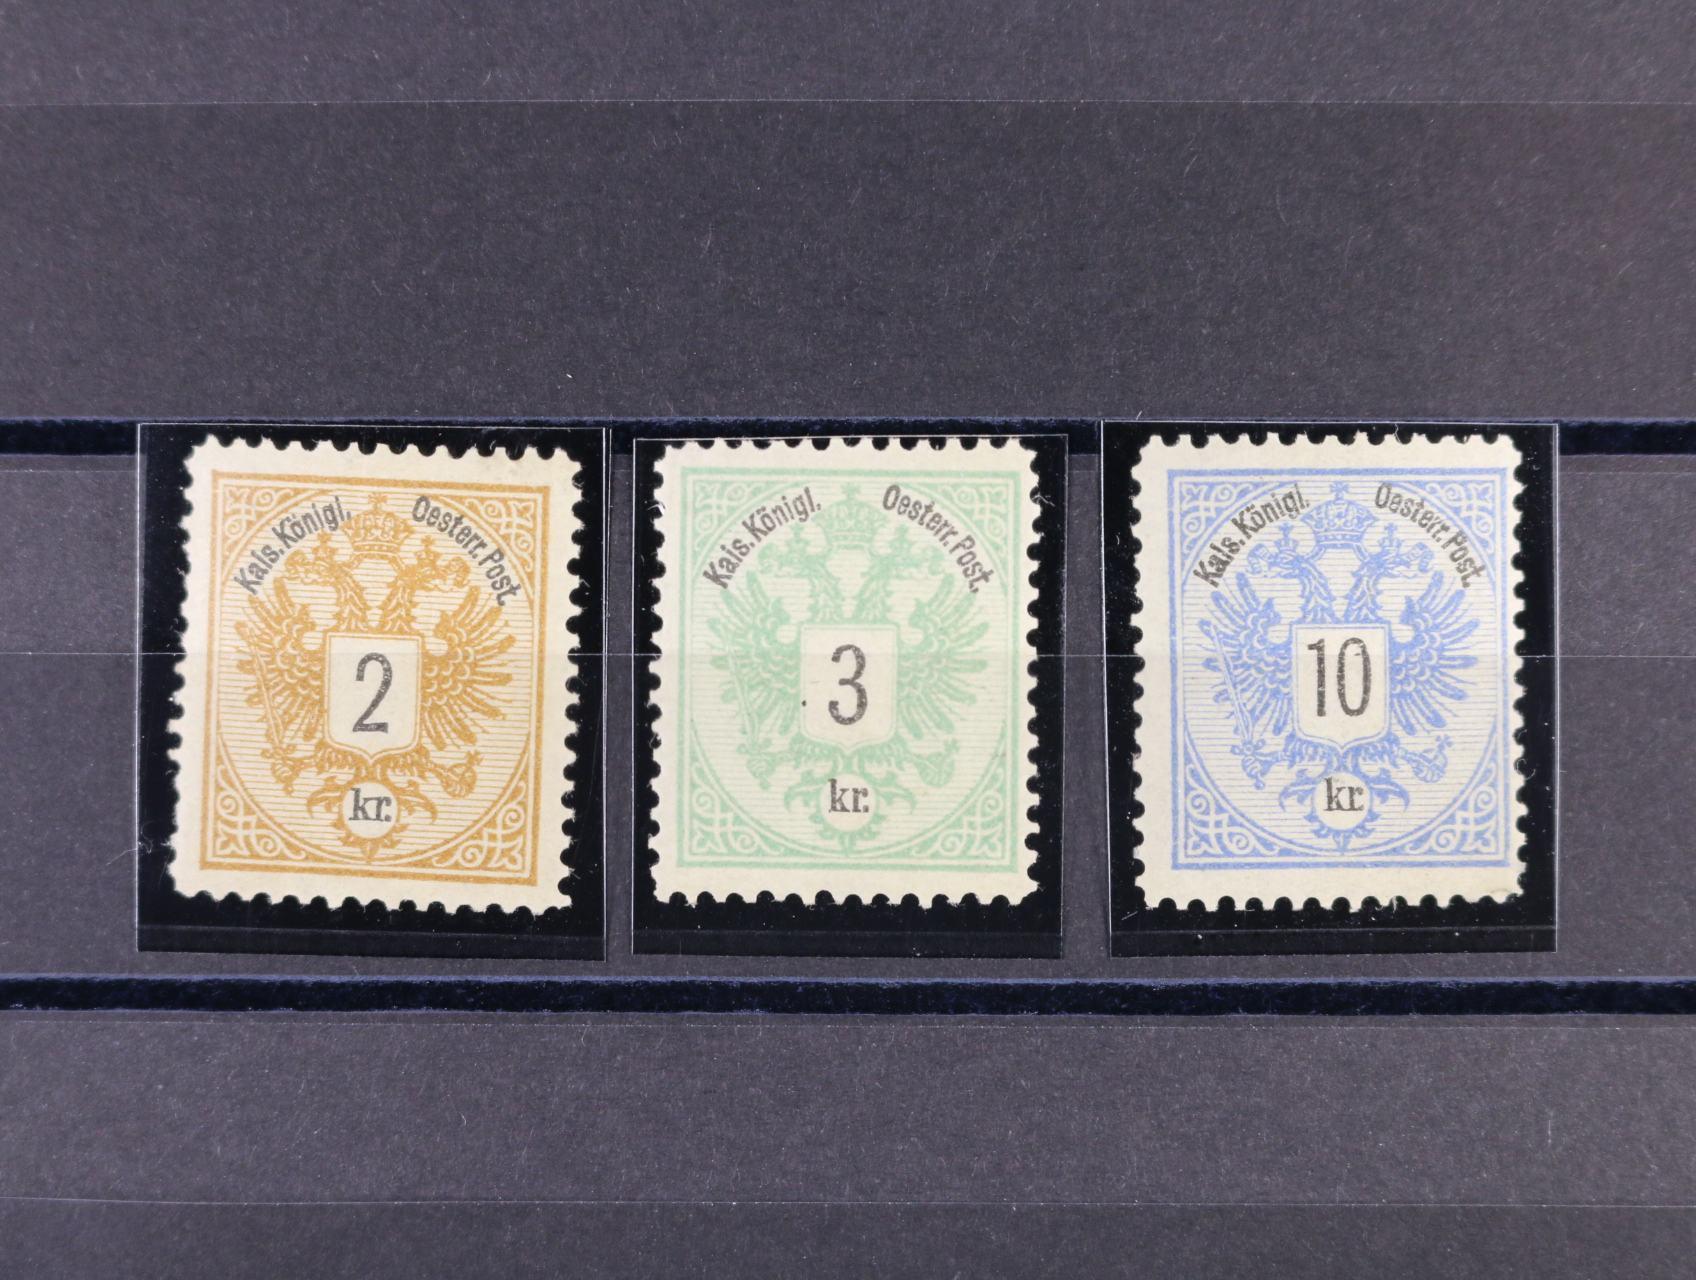 zn. Mi. č. 44 - 45, zoubkování 12 1/2, vzácný výskyt, 470 EUR